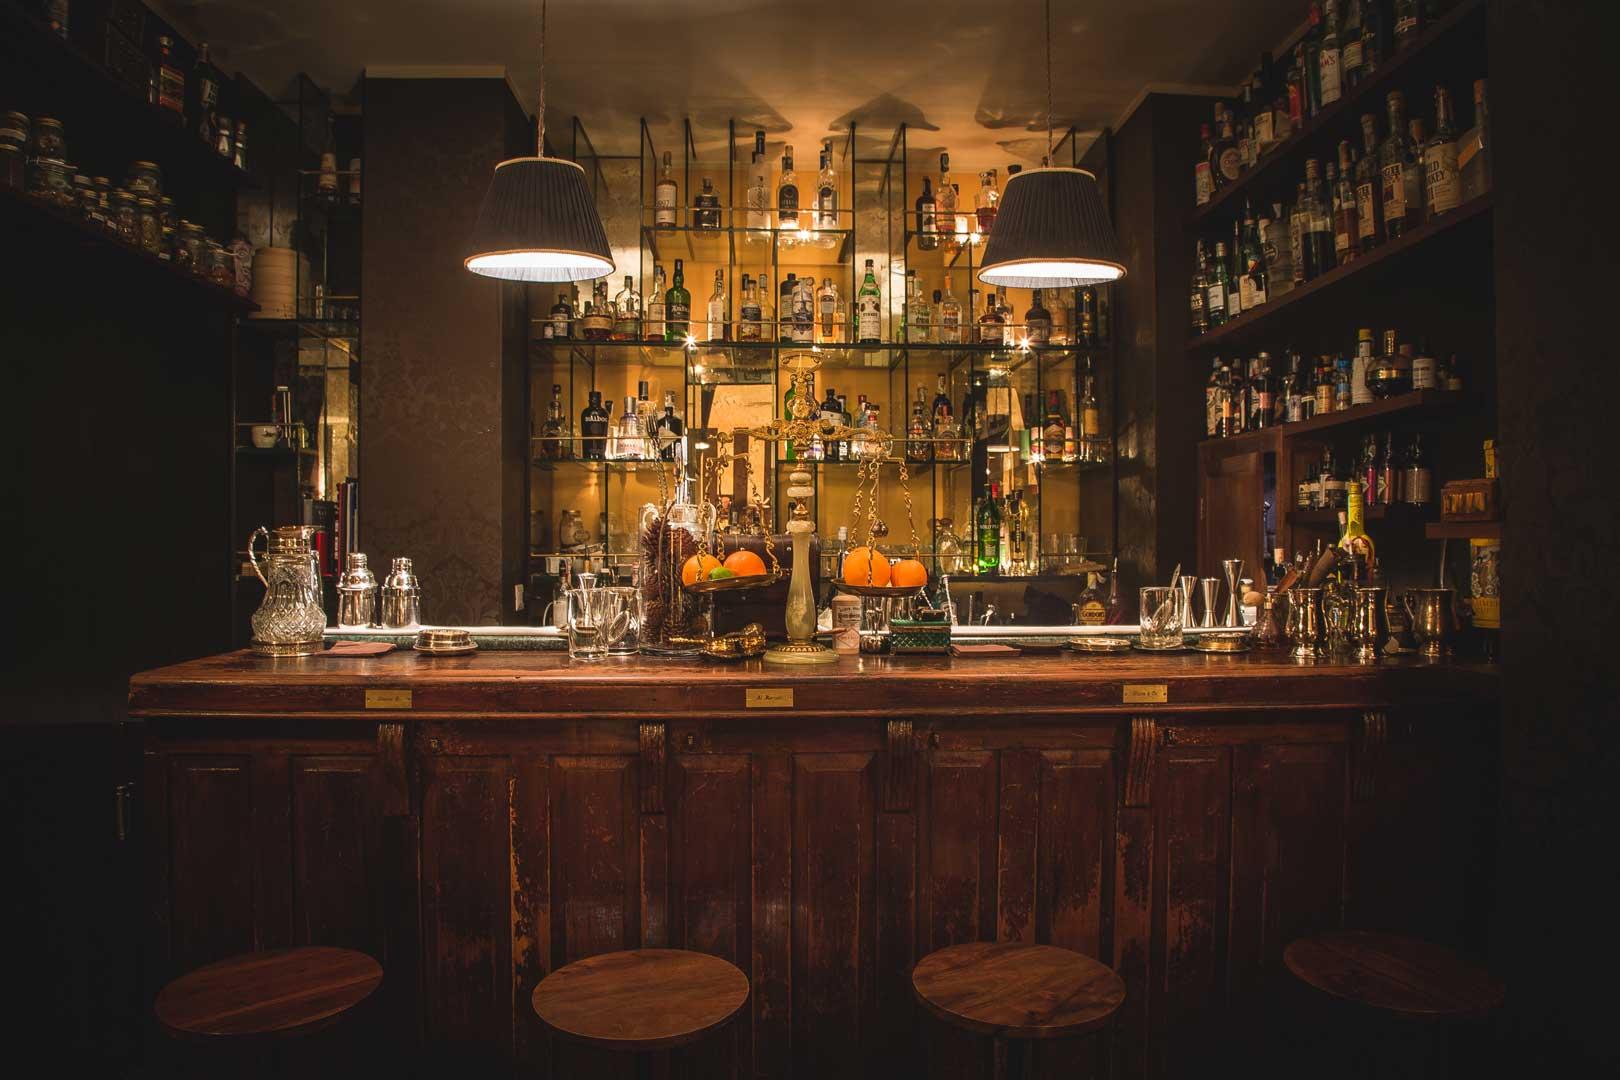 I 10 migliori cocktail bar d'Italia - 1930 Speakeasy